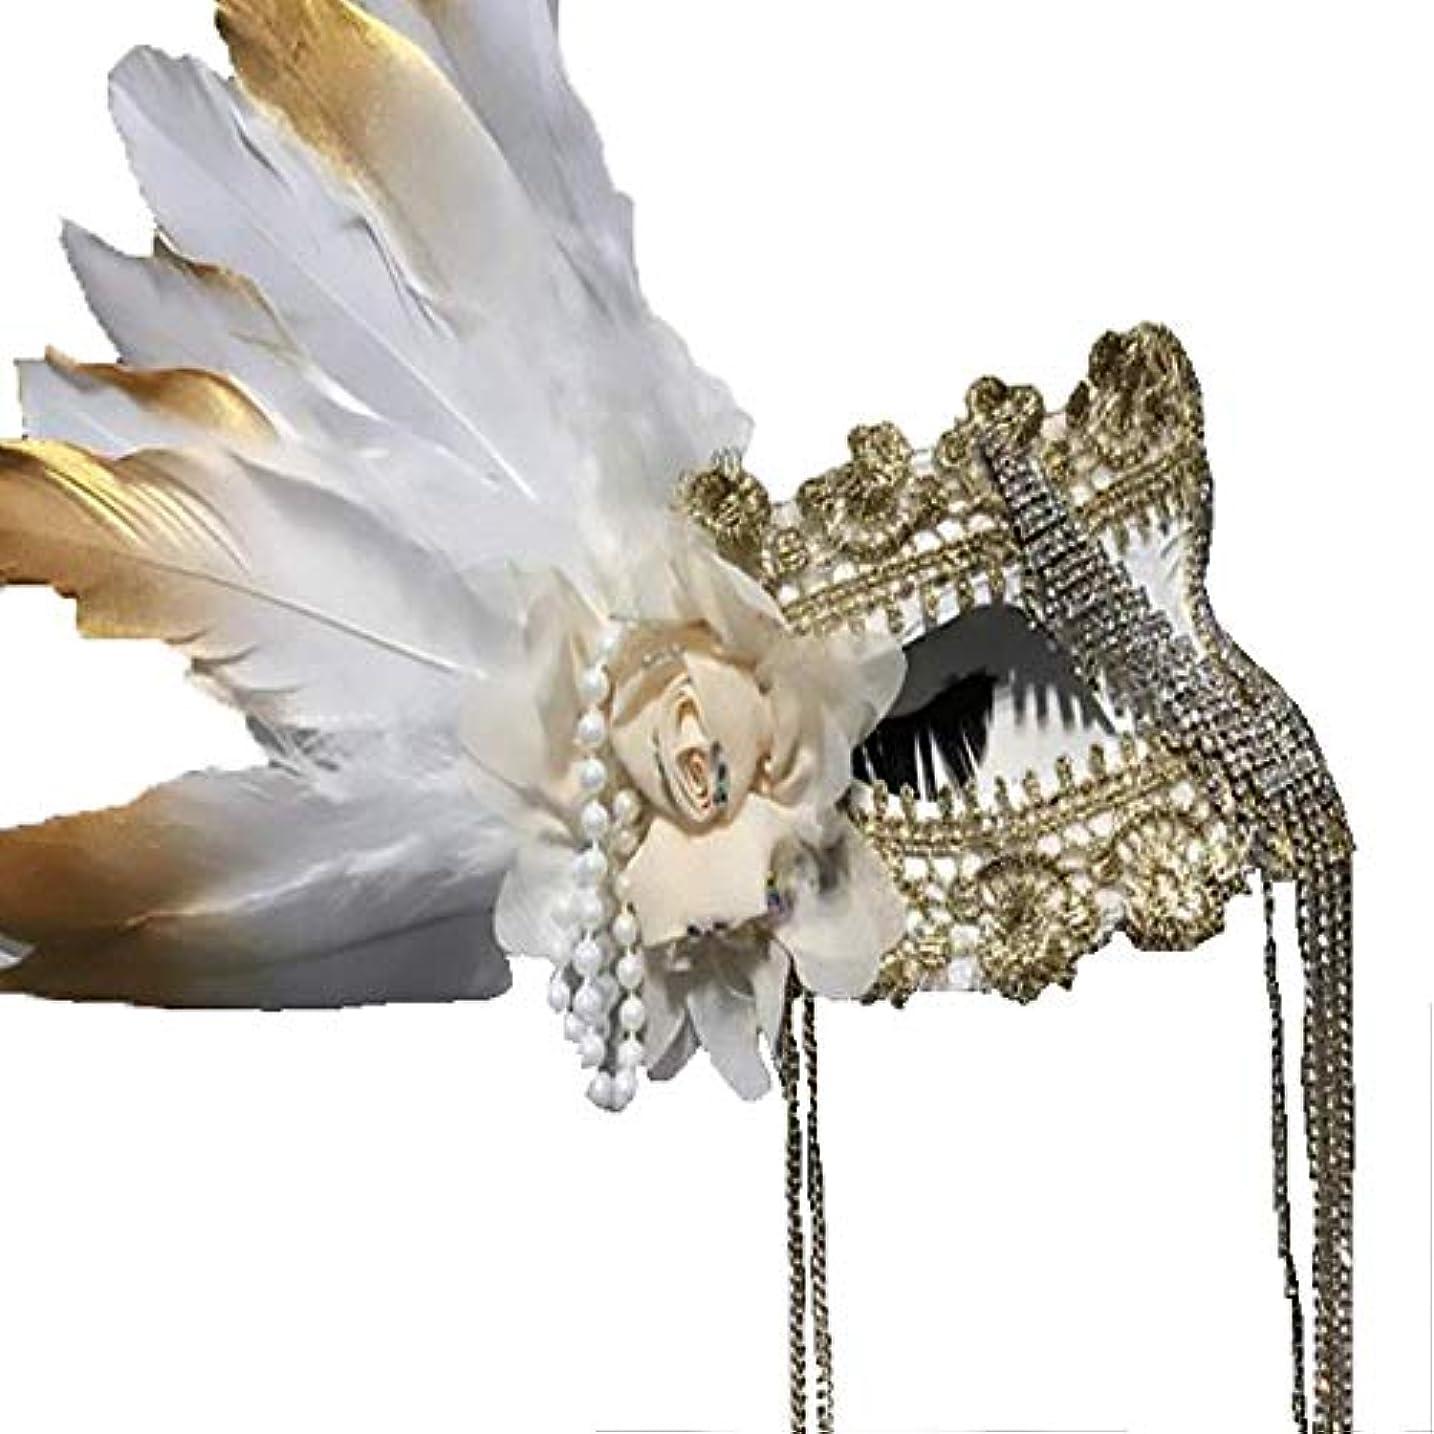 高原逆さまにドラゴンNanle ハロウィーンのラインストーンフリンジフェザー刺繍花マスク仮装マスクレディミスプリンセス美容祭パーティーデコレーションマスク